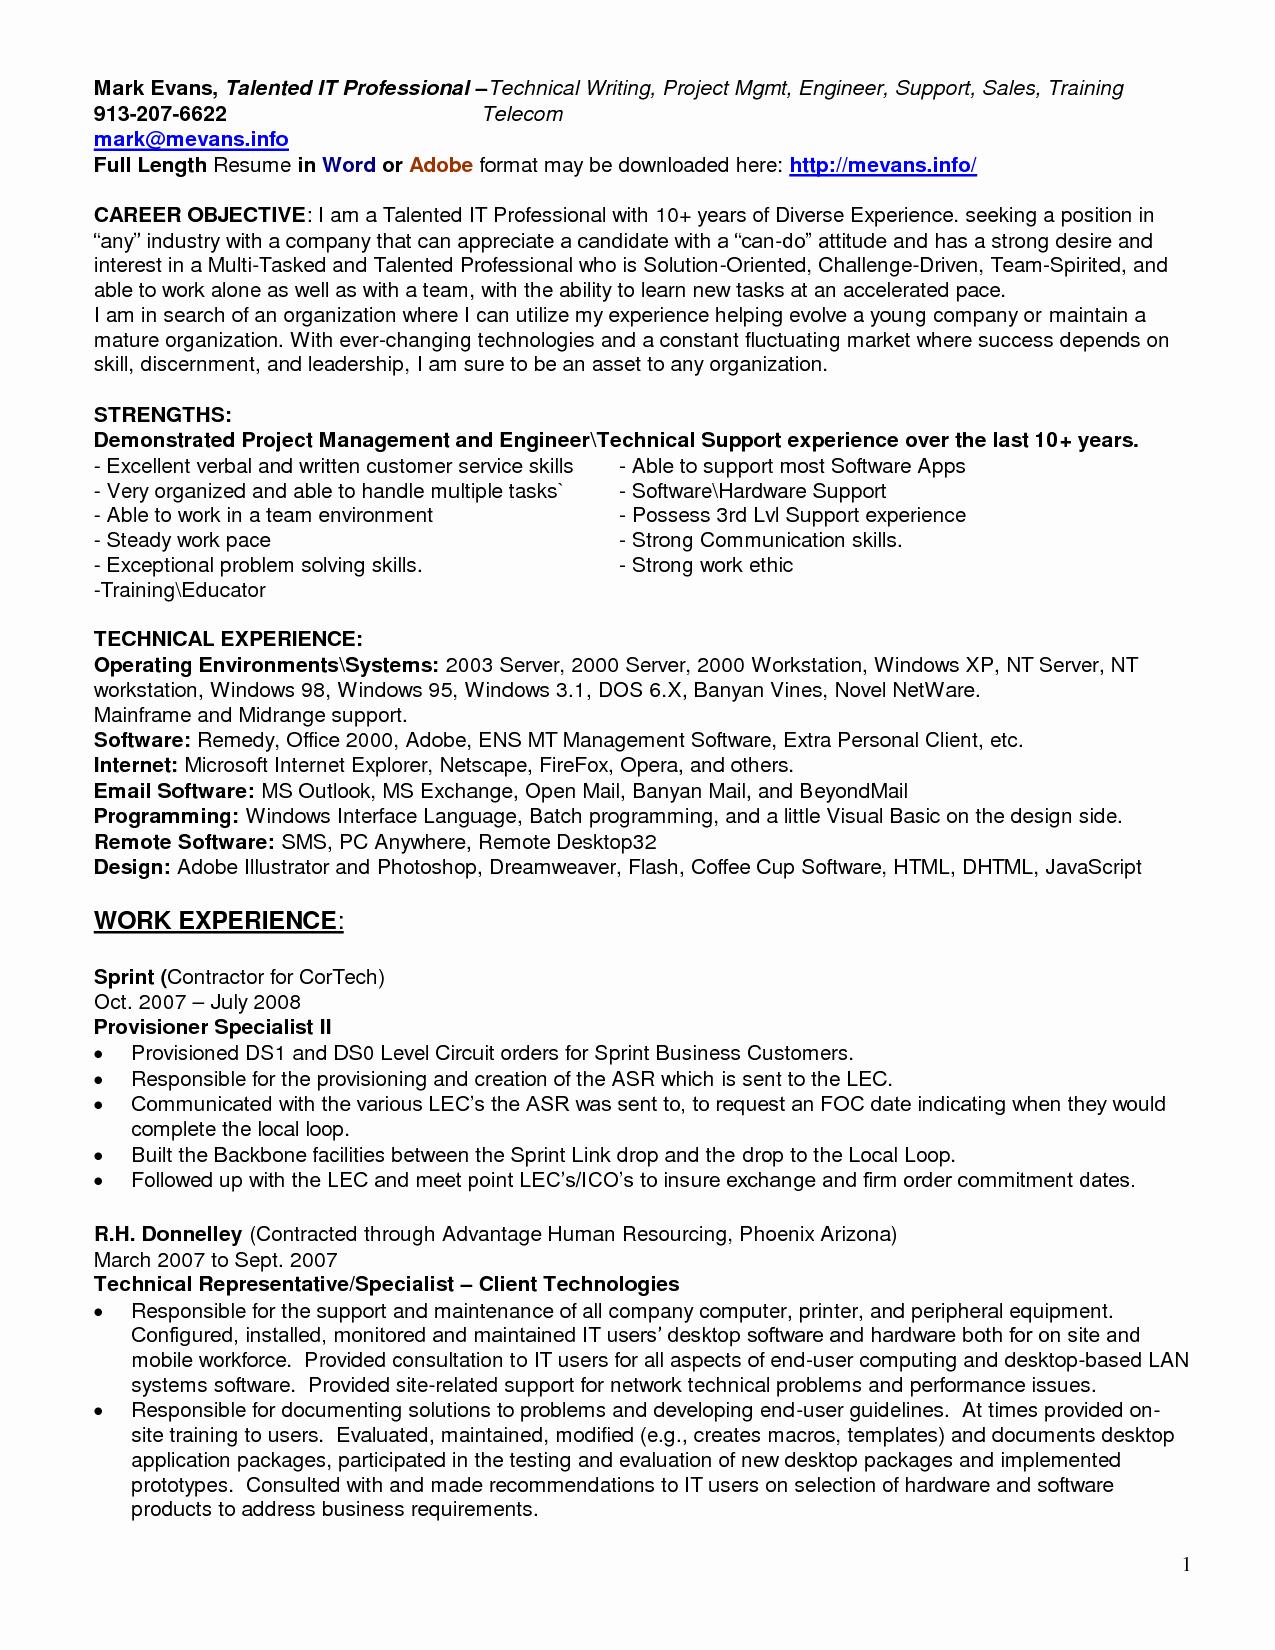 Help Desk Resume Entry Level Sidemcicek